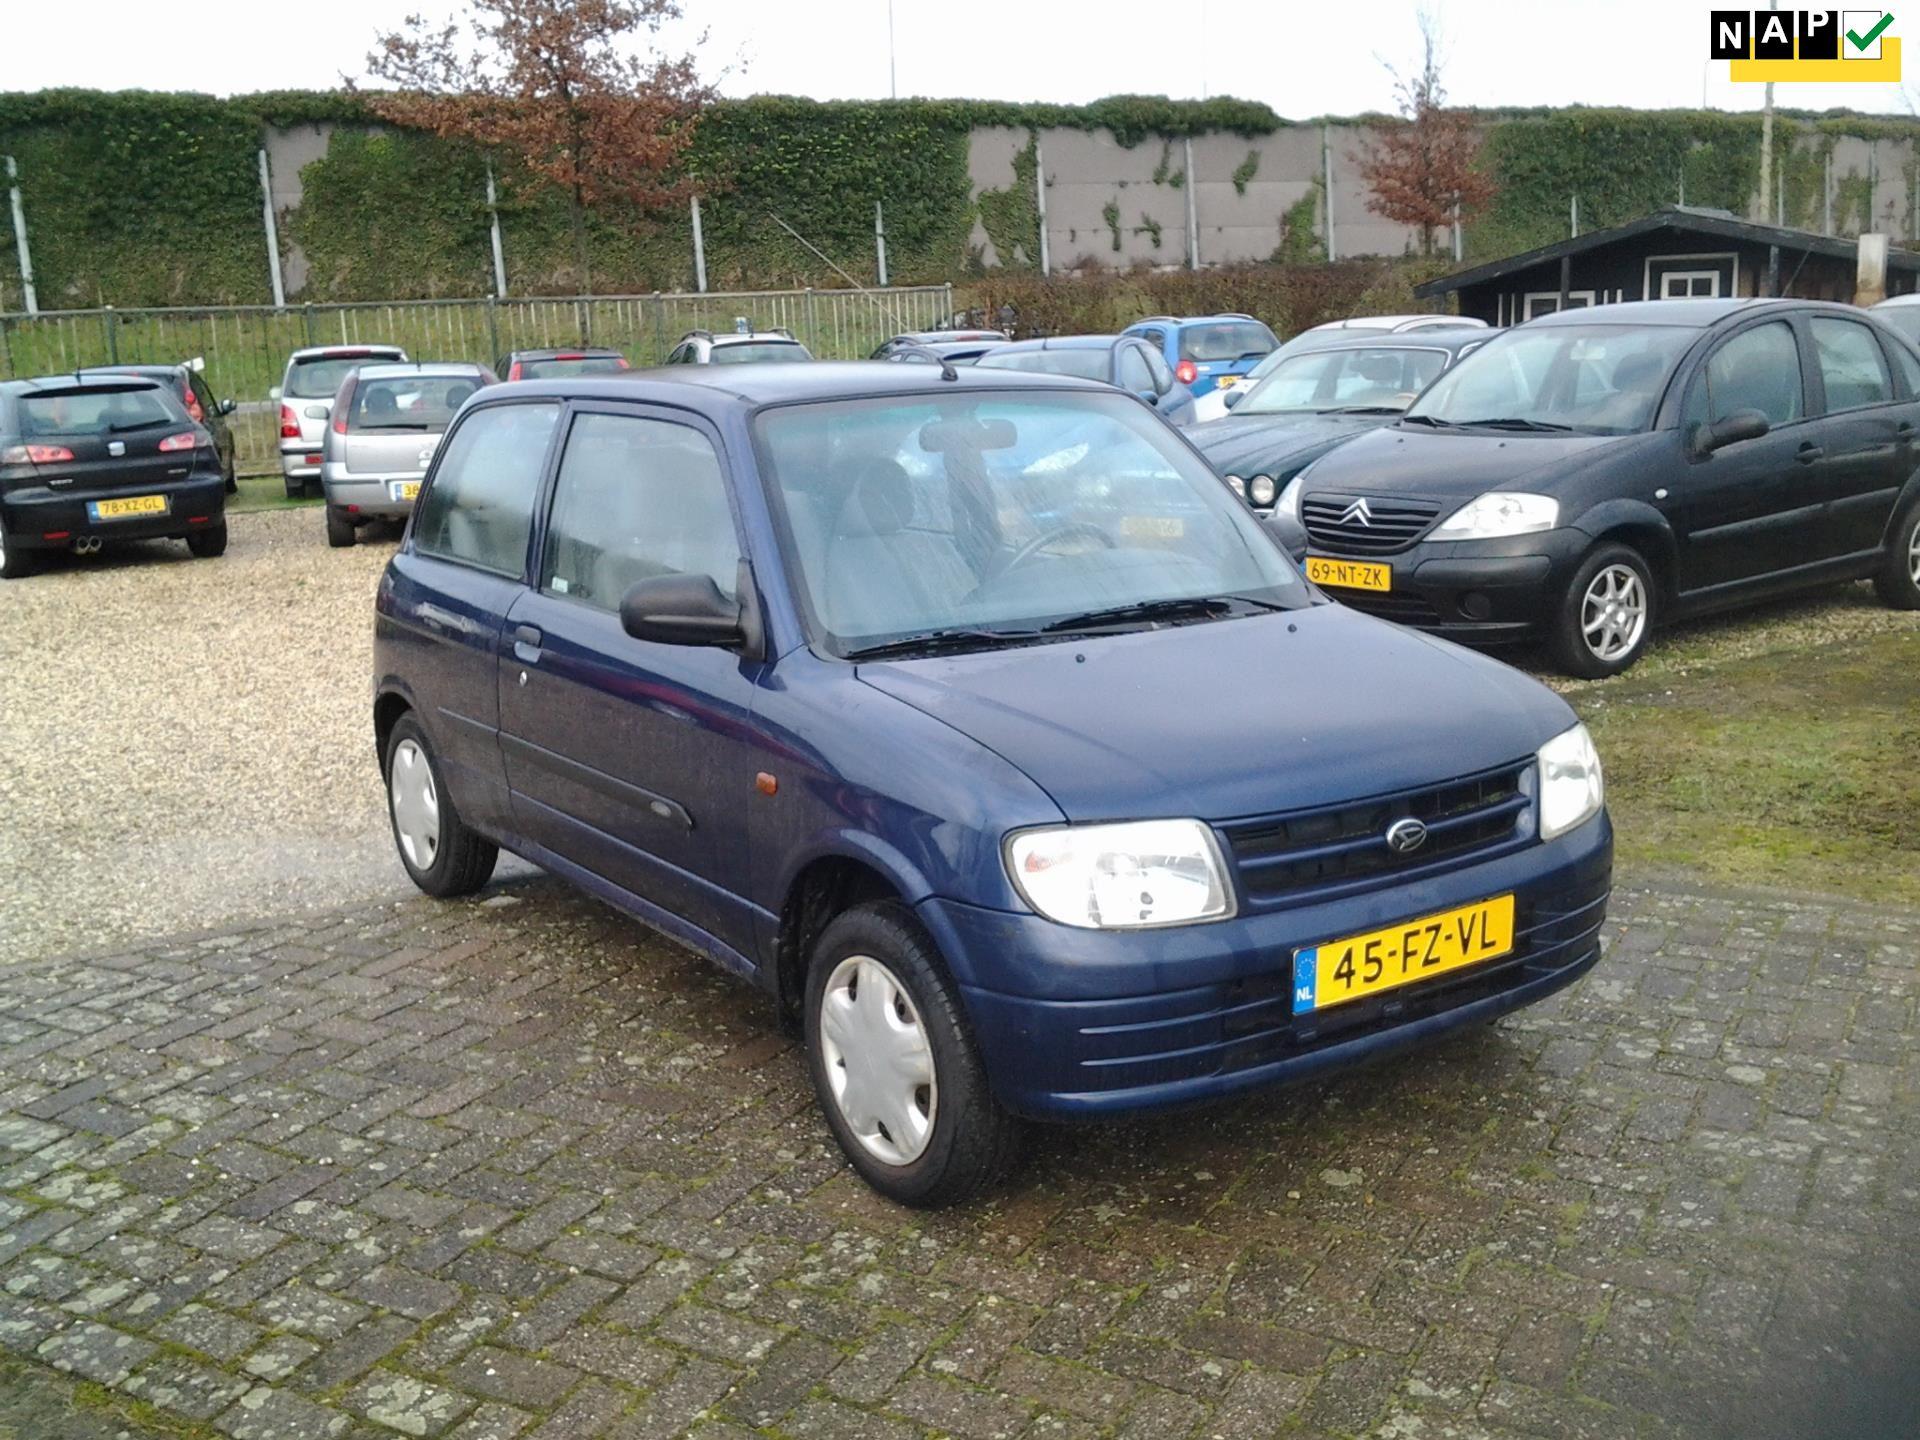 Daihatsu Cuore occasion - Van der Wielen Auto's